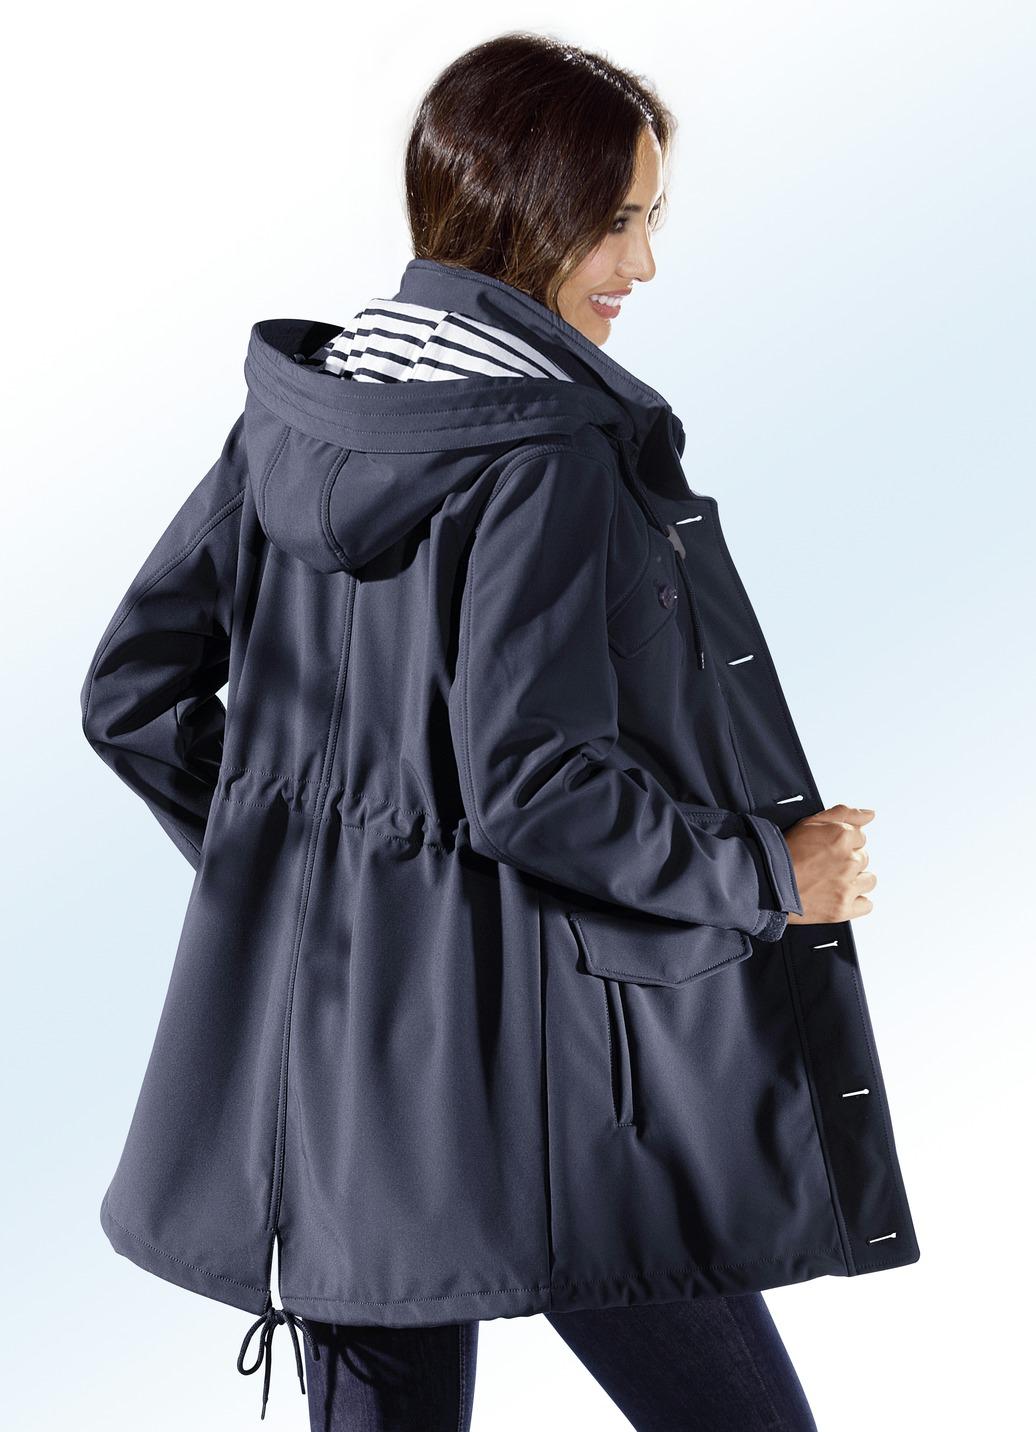 Funktions-Longjacke mit breitem Regenschild Marine Größe 50 Damen Preisvergleich